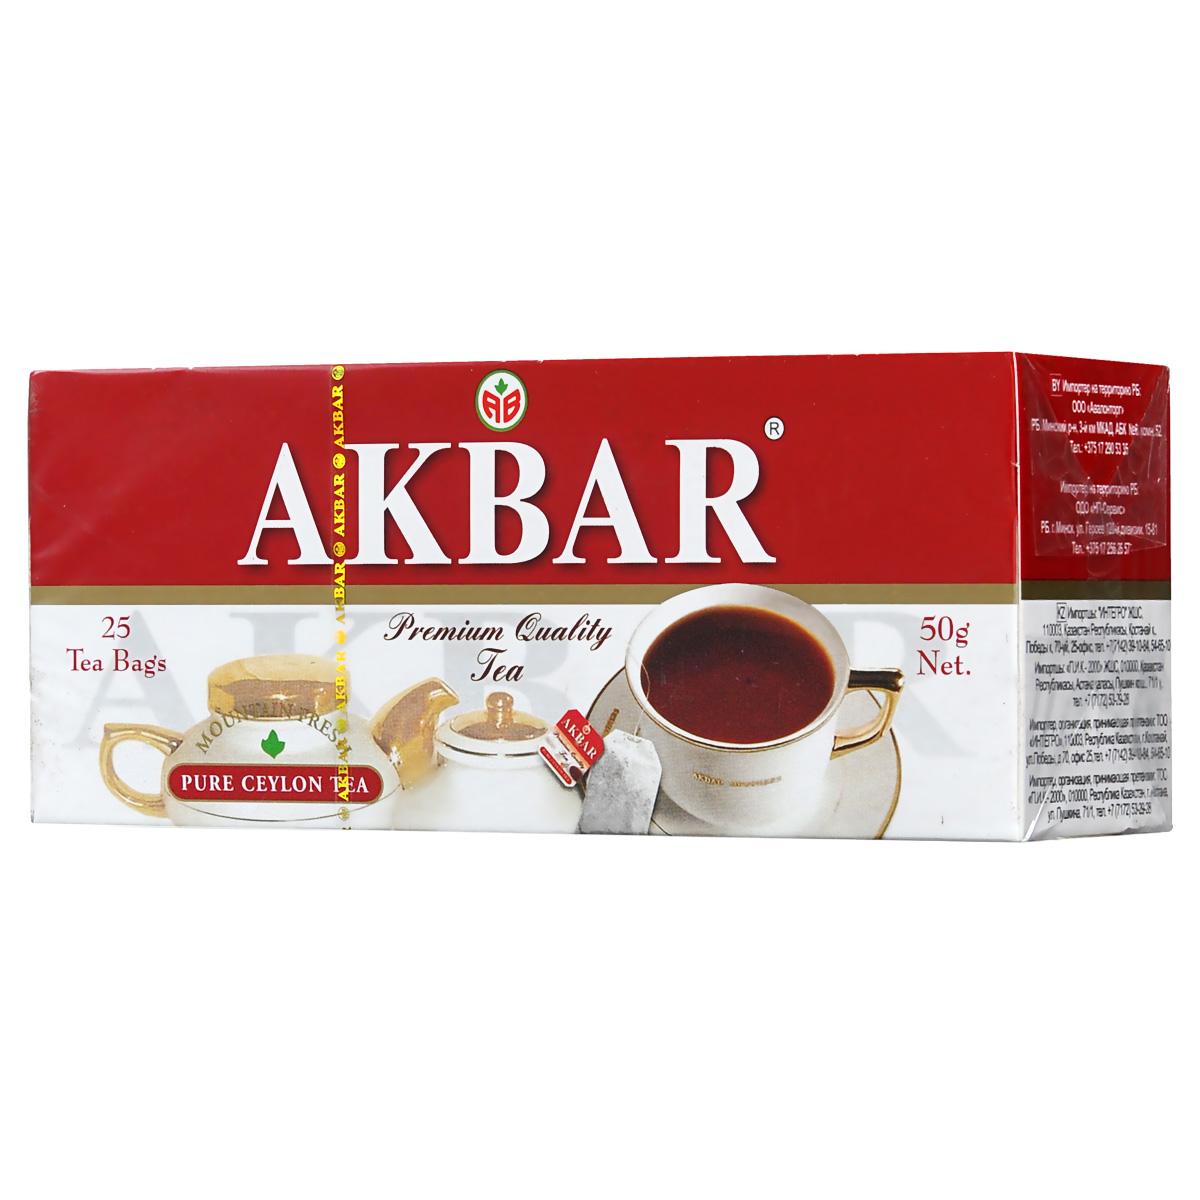 Akbar Mountain Fresh черный чай в пакетиках, 25 шт1050044Для производства великолепного черного чая Akbar Mountain Fresh используется лишь самое свежее и отборное сырье, которое получают с плантаций, расположенных в провинциях Kandy и Dimbula, на высоте от 2000 до 4000 футов над уровнем моря. Причем сортируется оно перед началом производства, а не после, как это принято у многих других компаний, что позволяет избегать смешивания соков нежных и грубых листьев при скручивании и, соответственно, понижения качества конечного продукта.